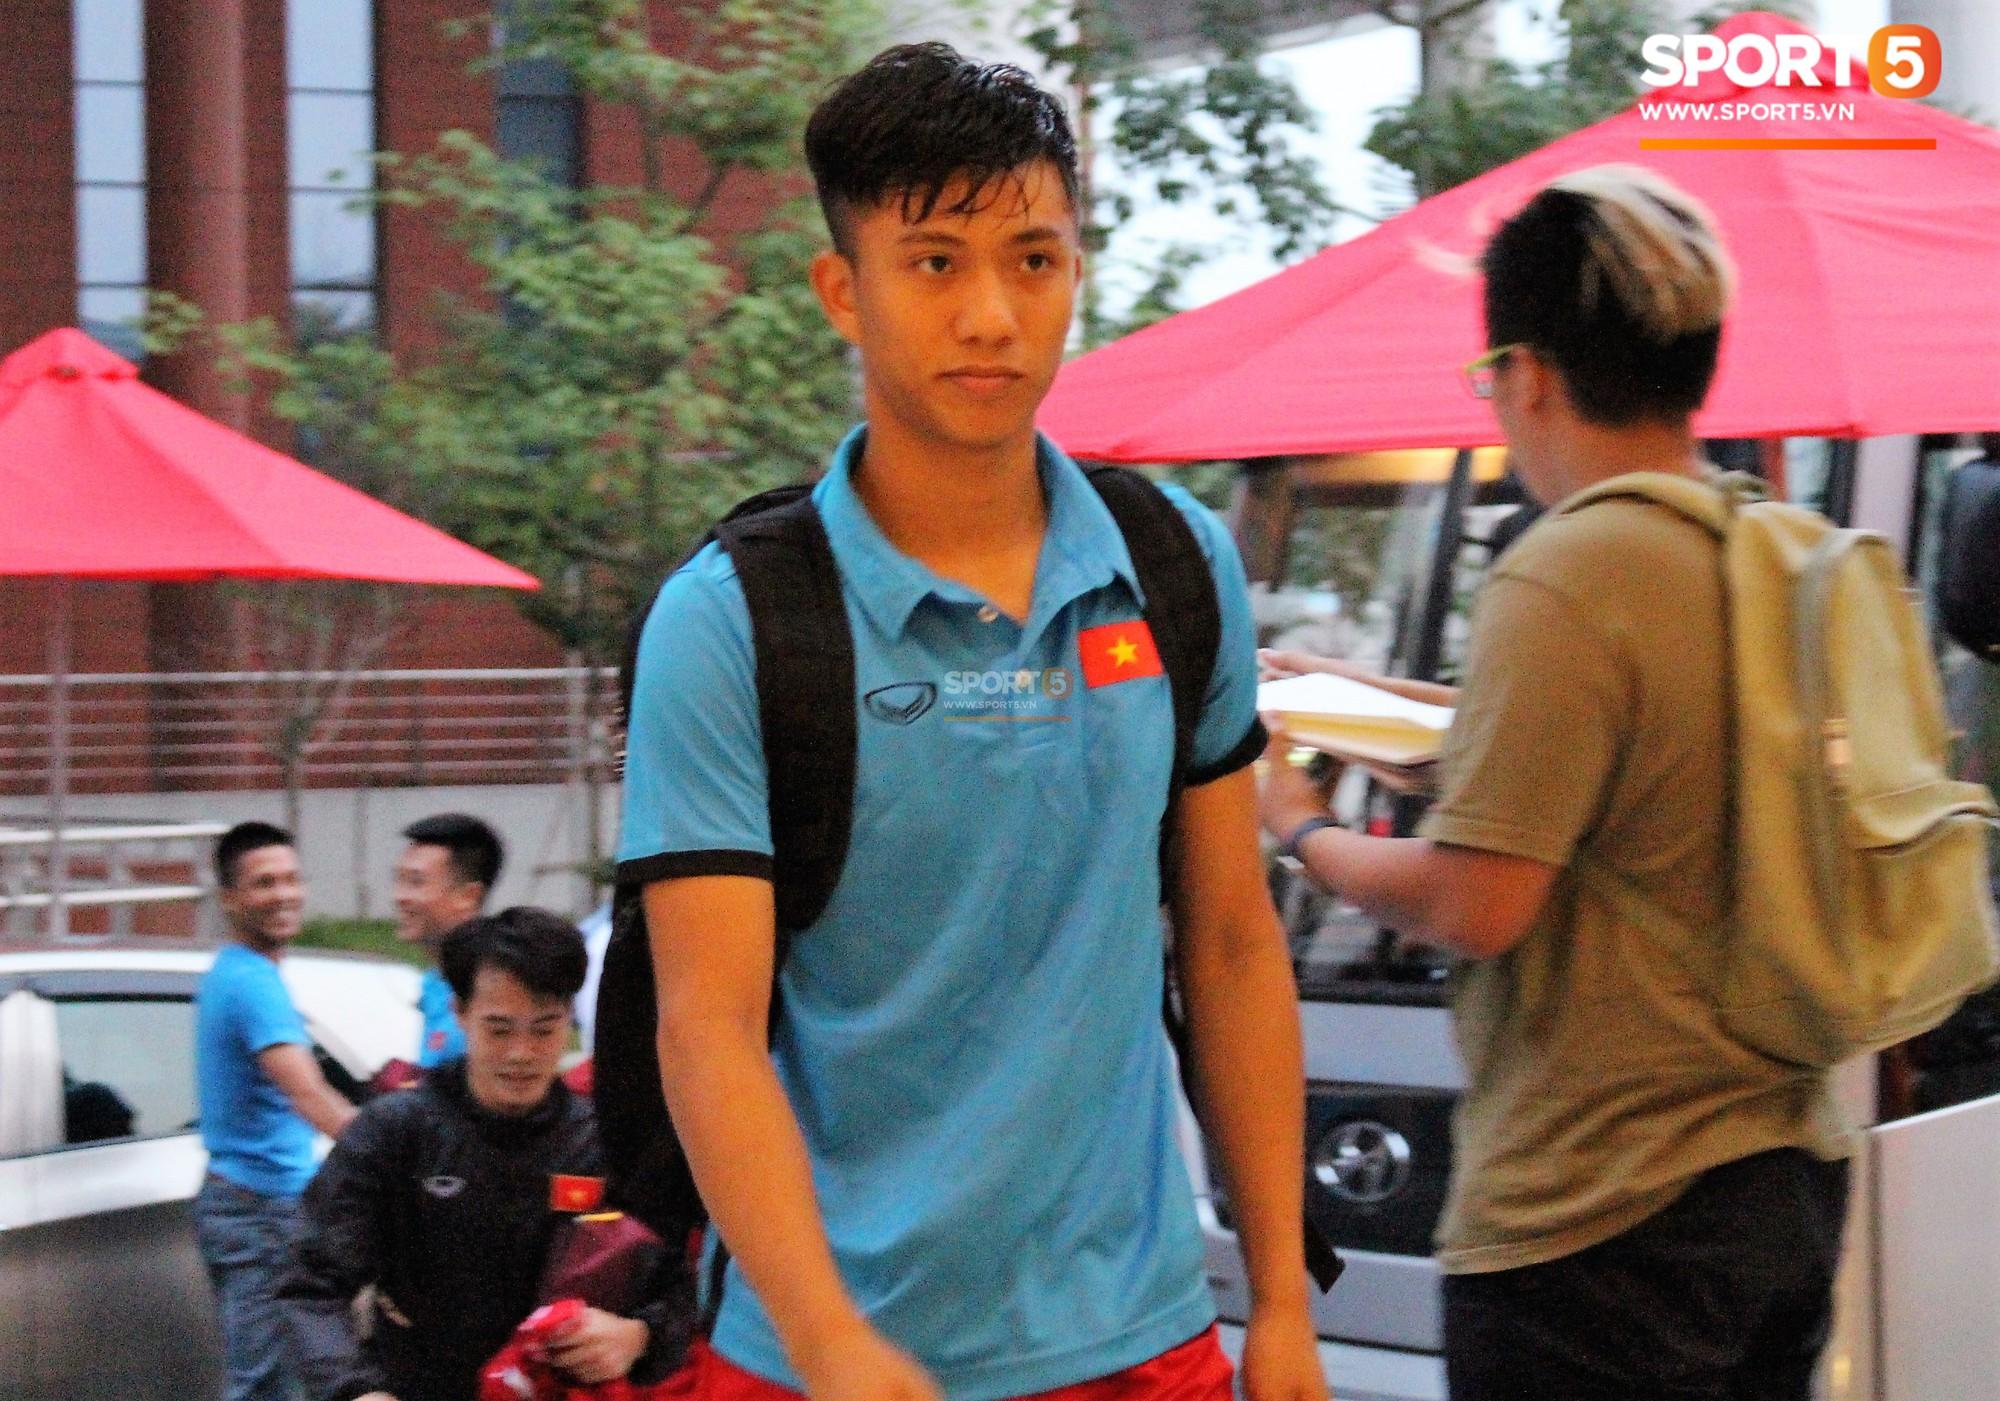 Hà Đức Chinh kêu trời vì đau bụng sau buổi tập đầu tiên cùng đội tuyển Việt Nam chuẩn bị cho AFF Cup 2018-7